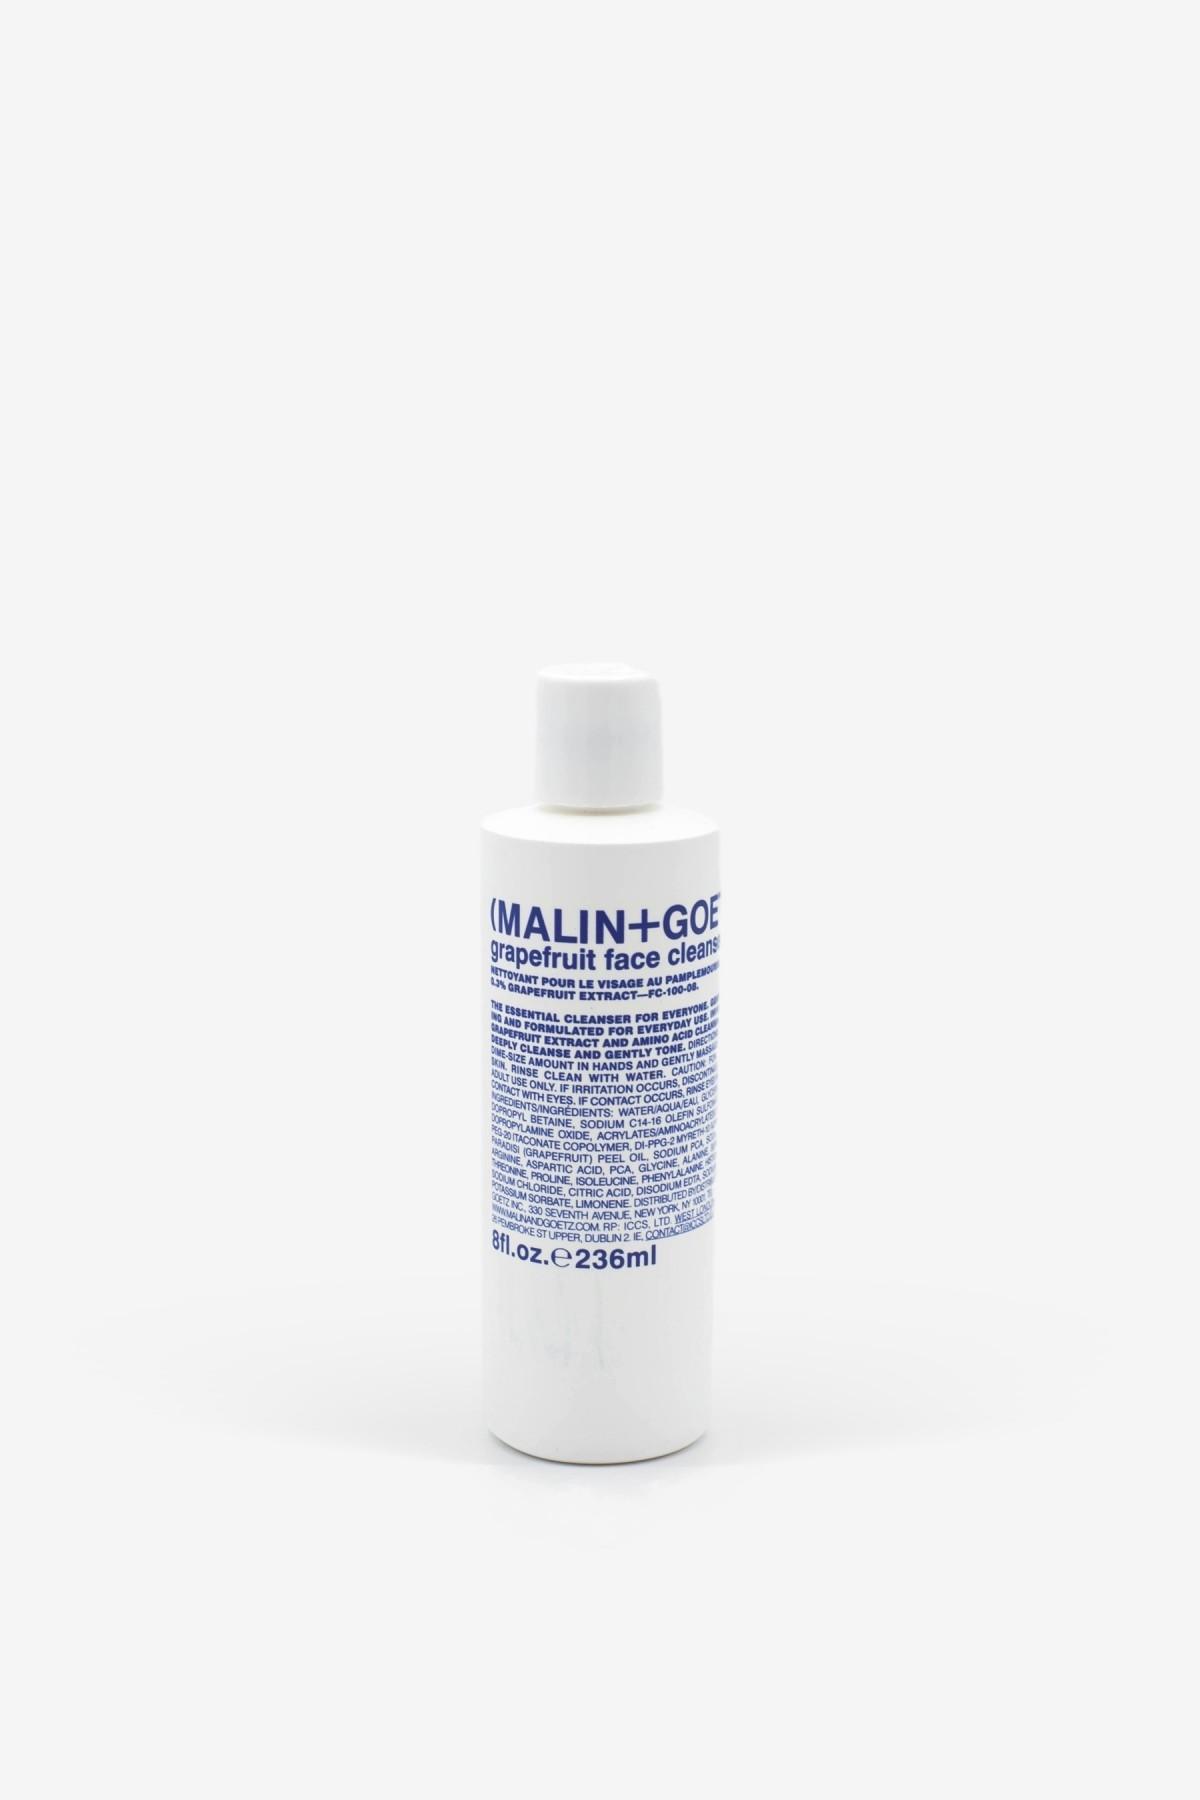 Malin+Goetz Grapefruit Face Cleanser 236 ml in